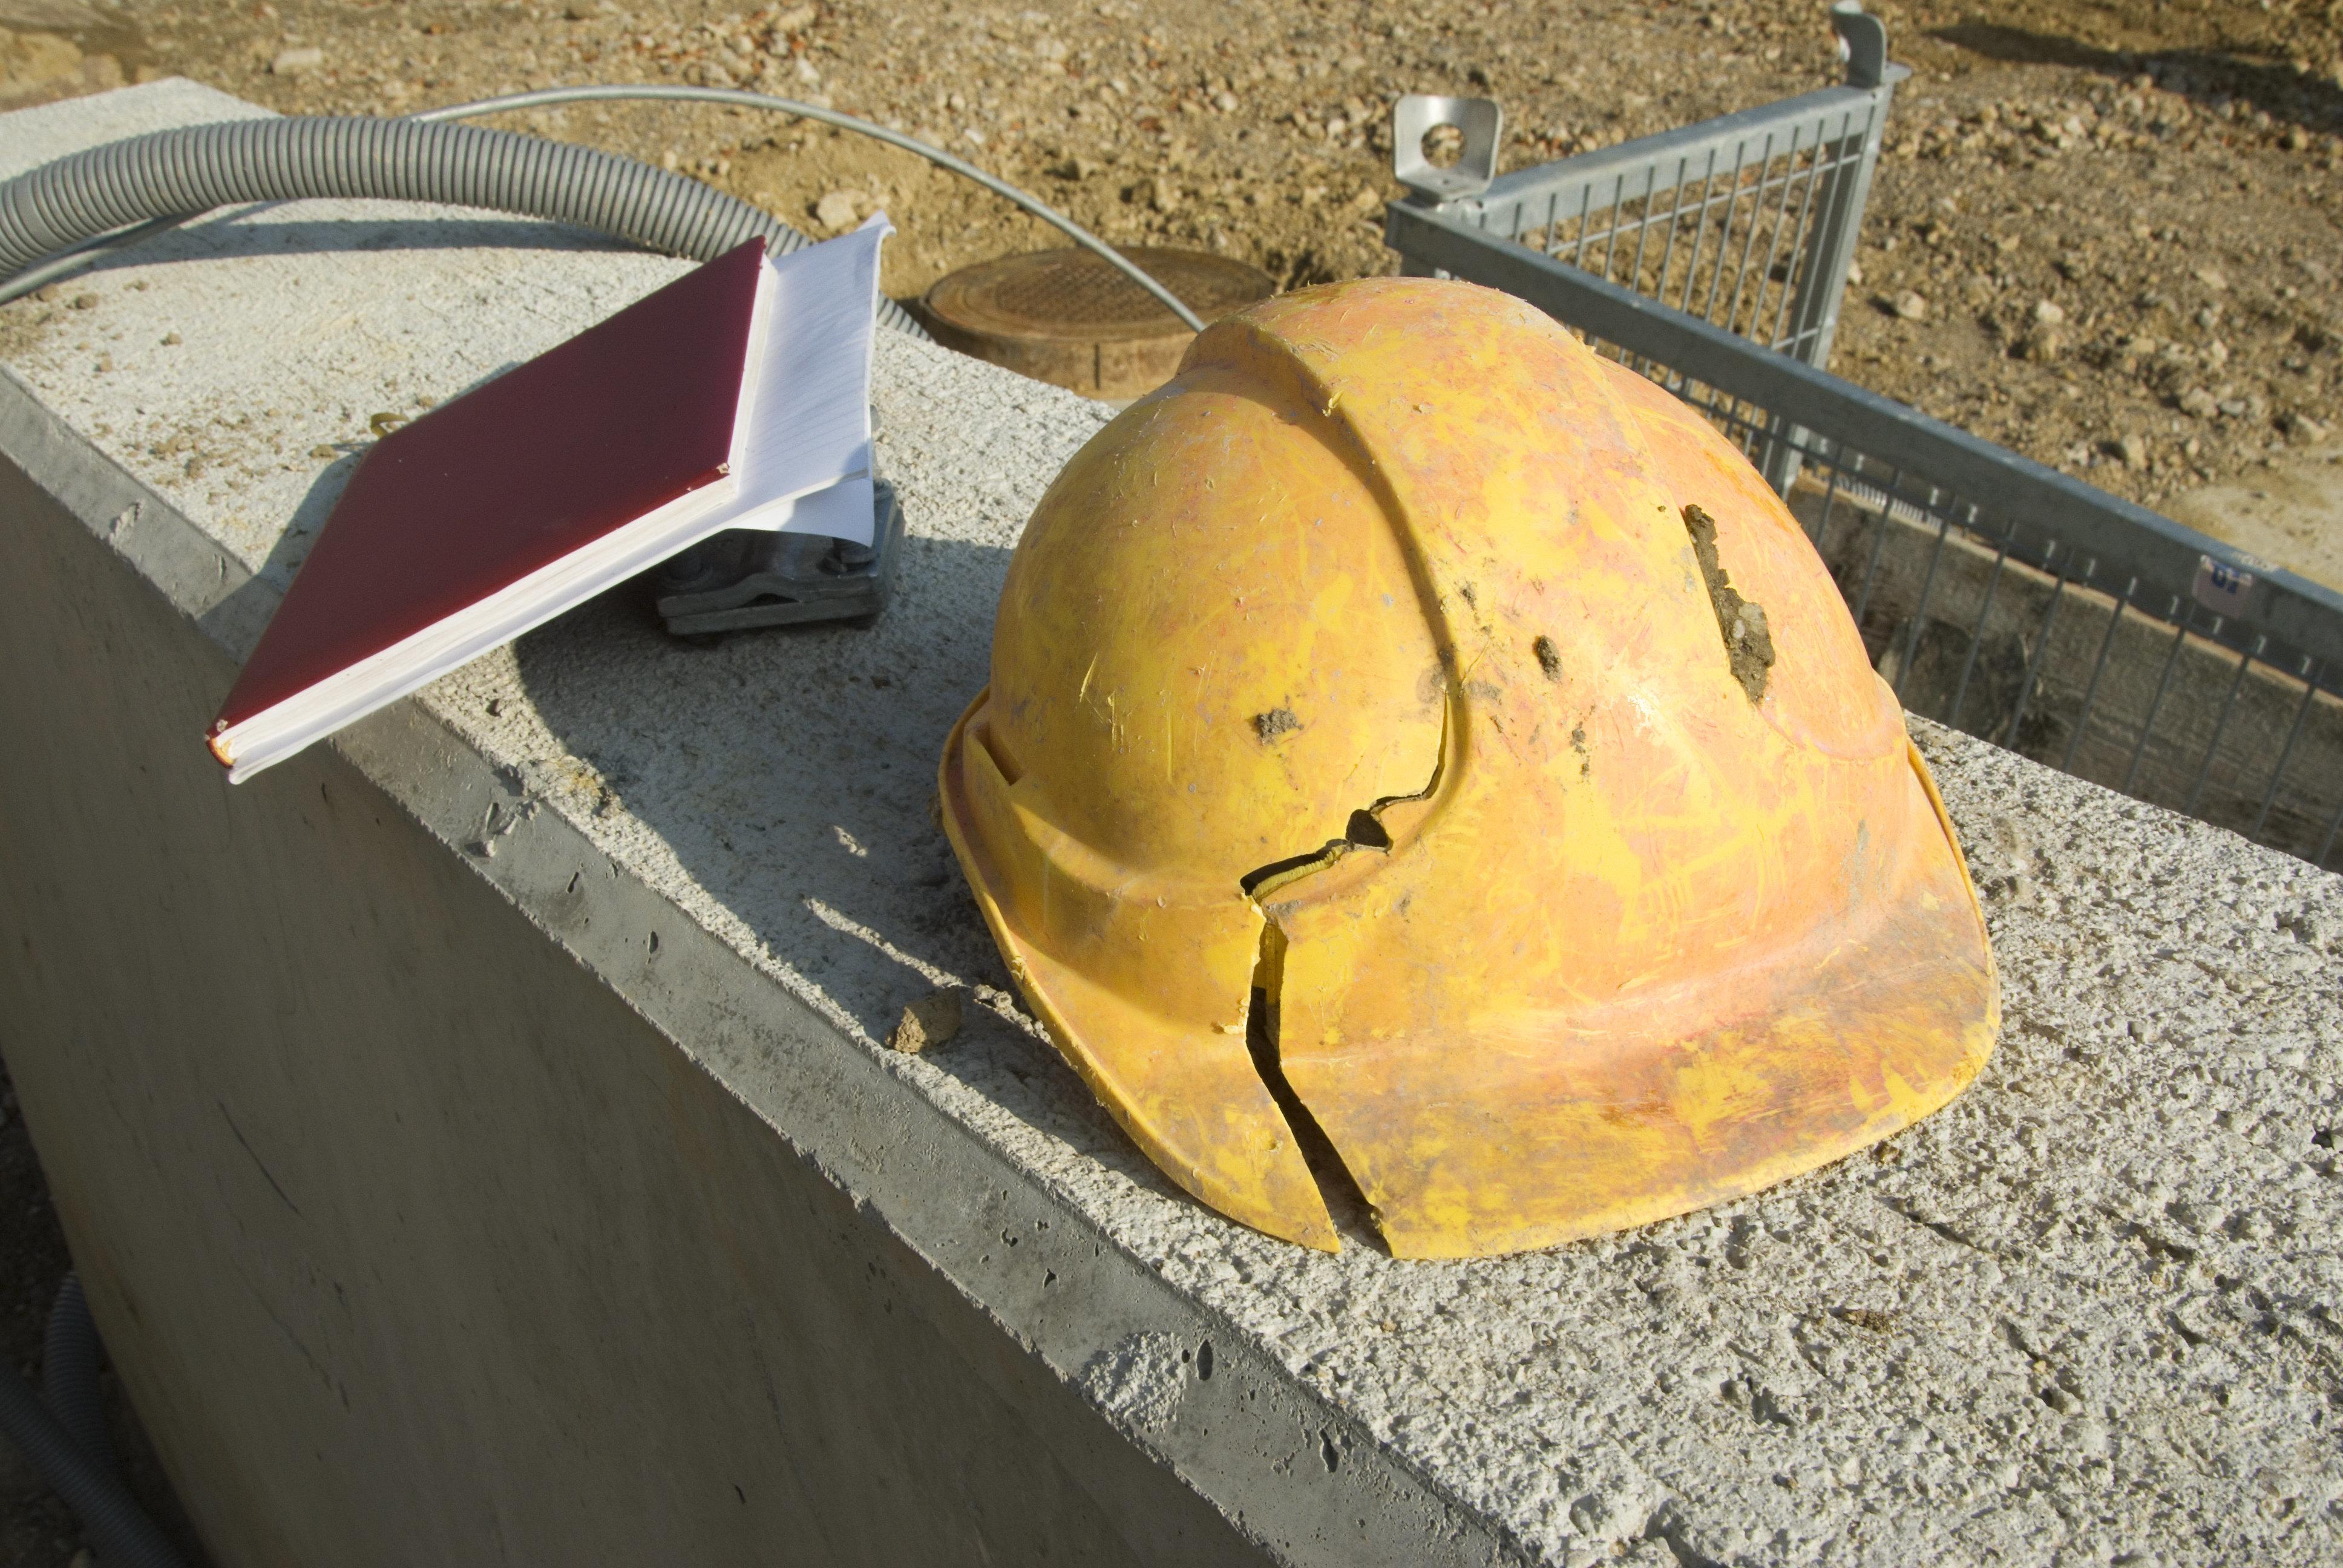 ペラペラすぎる作業員のヘルメット、偉い人のヘルメットにぶつけてみたら粉々に...ネットで批判集まる